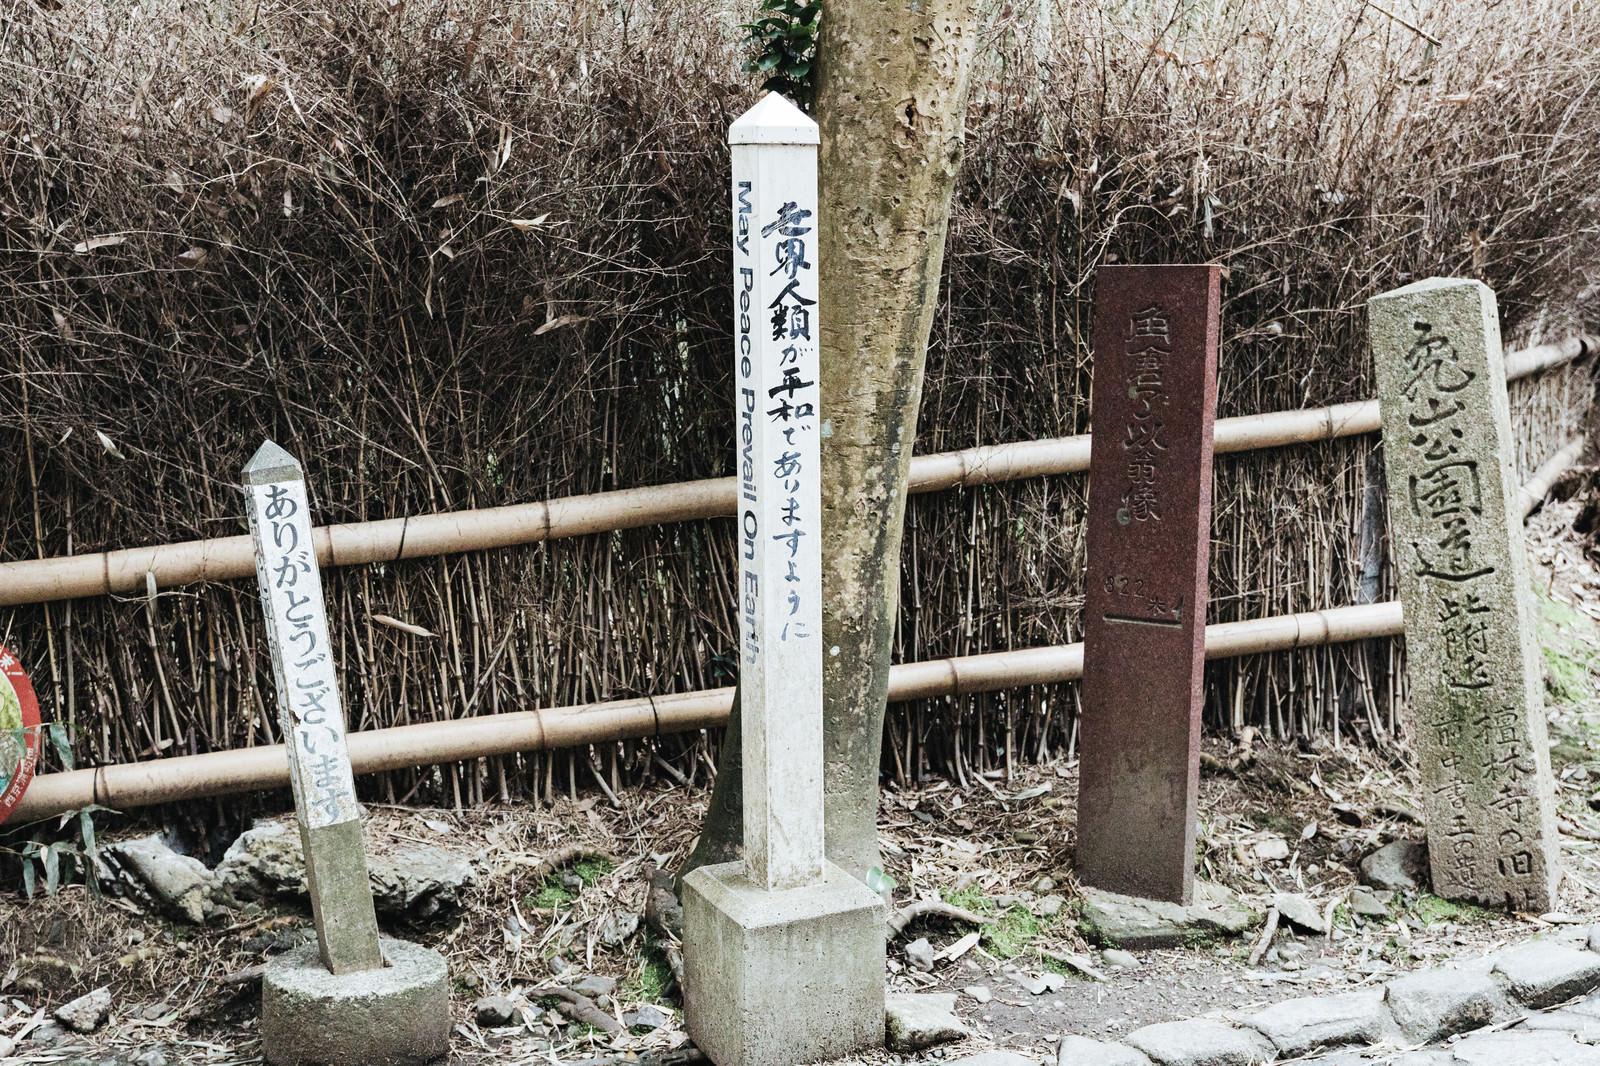 「世界人類が平和でありますようにの柱(May Peace Prevail On Earth)」の写真